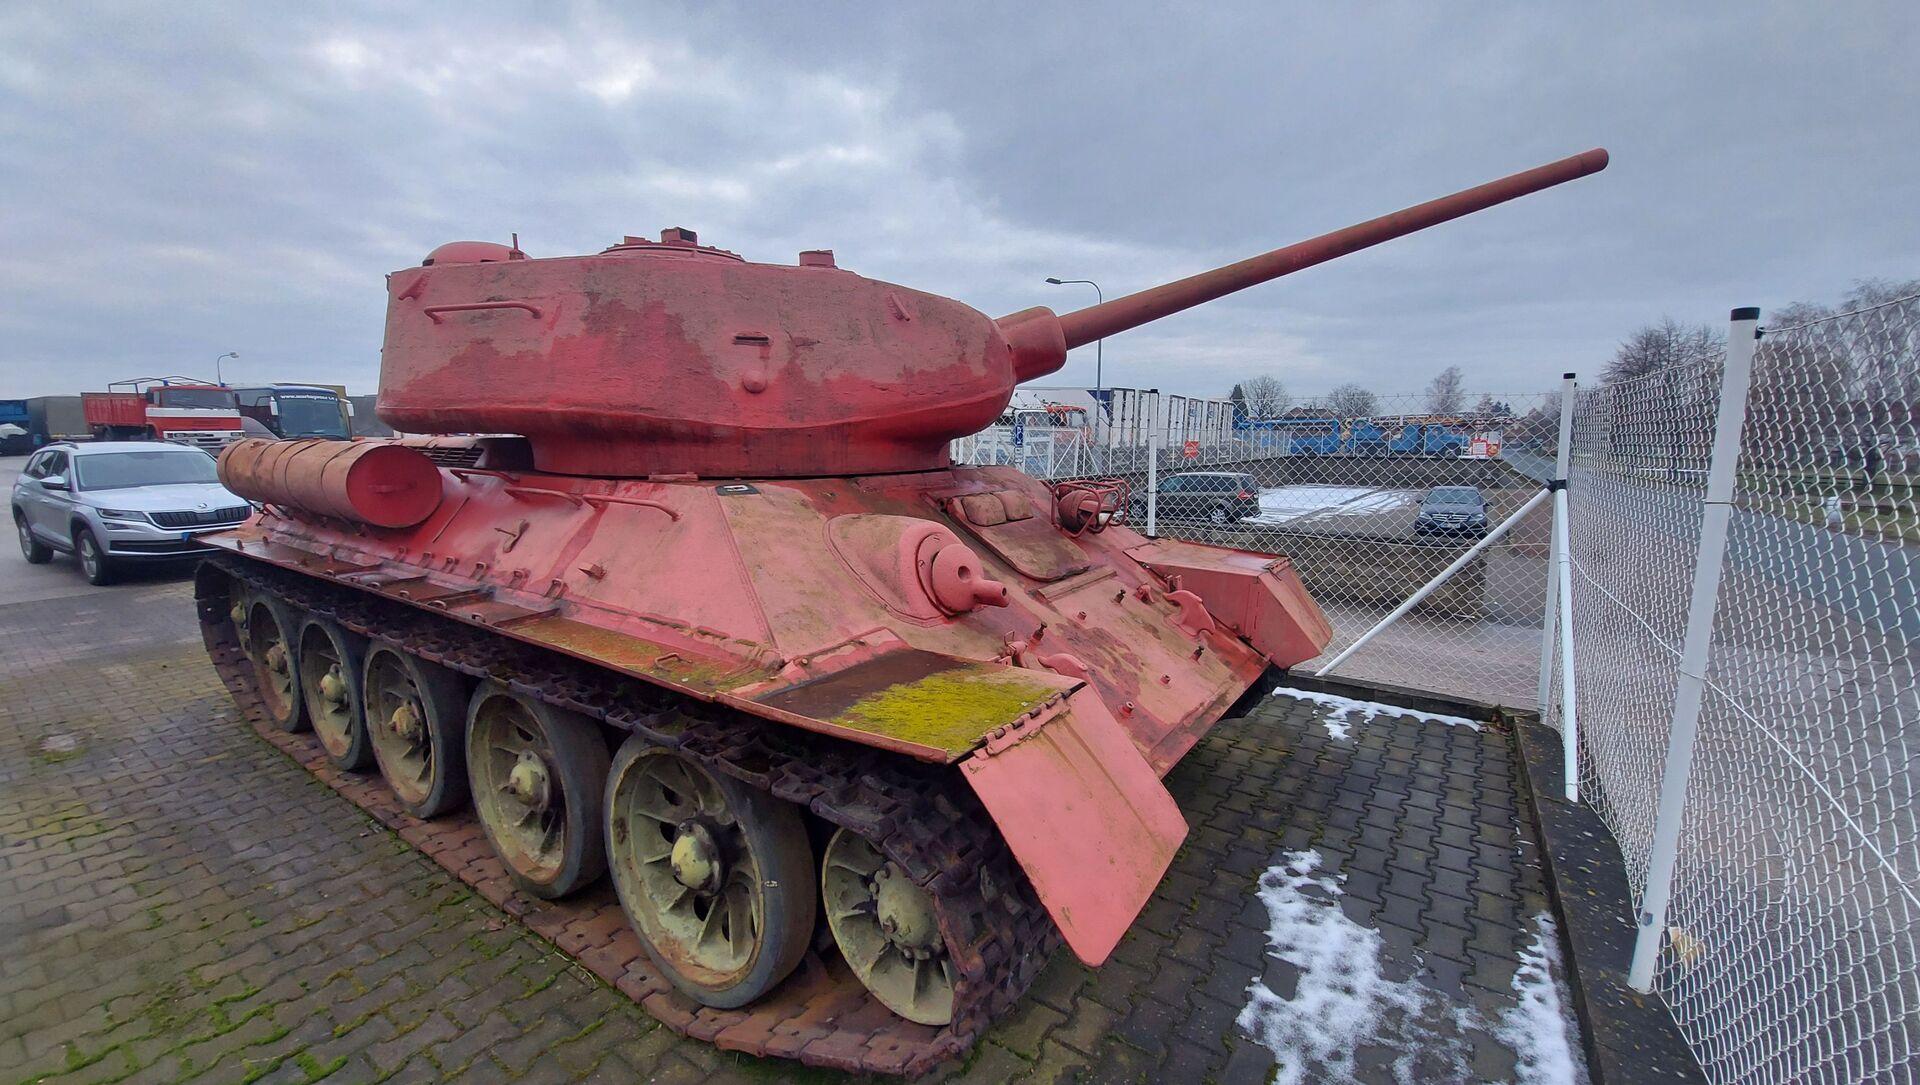 Il carro armato rosa in Repubblica Ceca  - Sputnik Italia, 1920, 07.04.2021